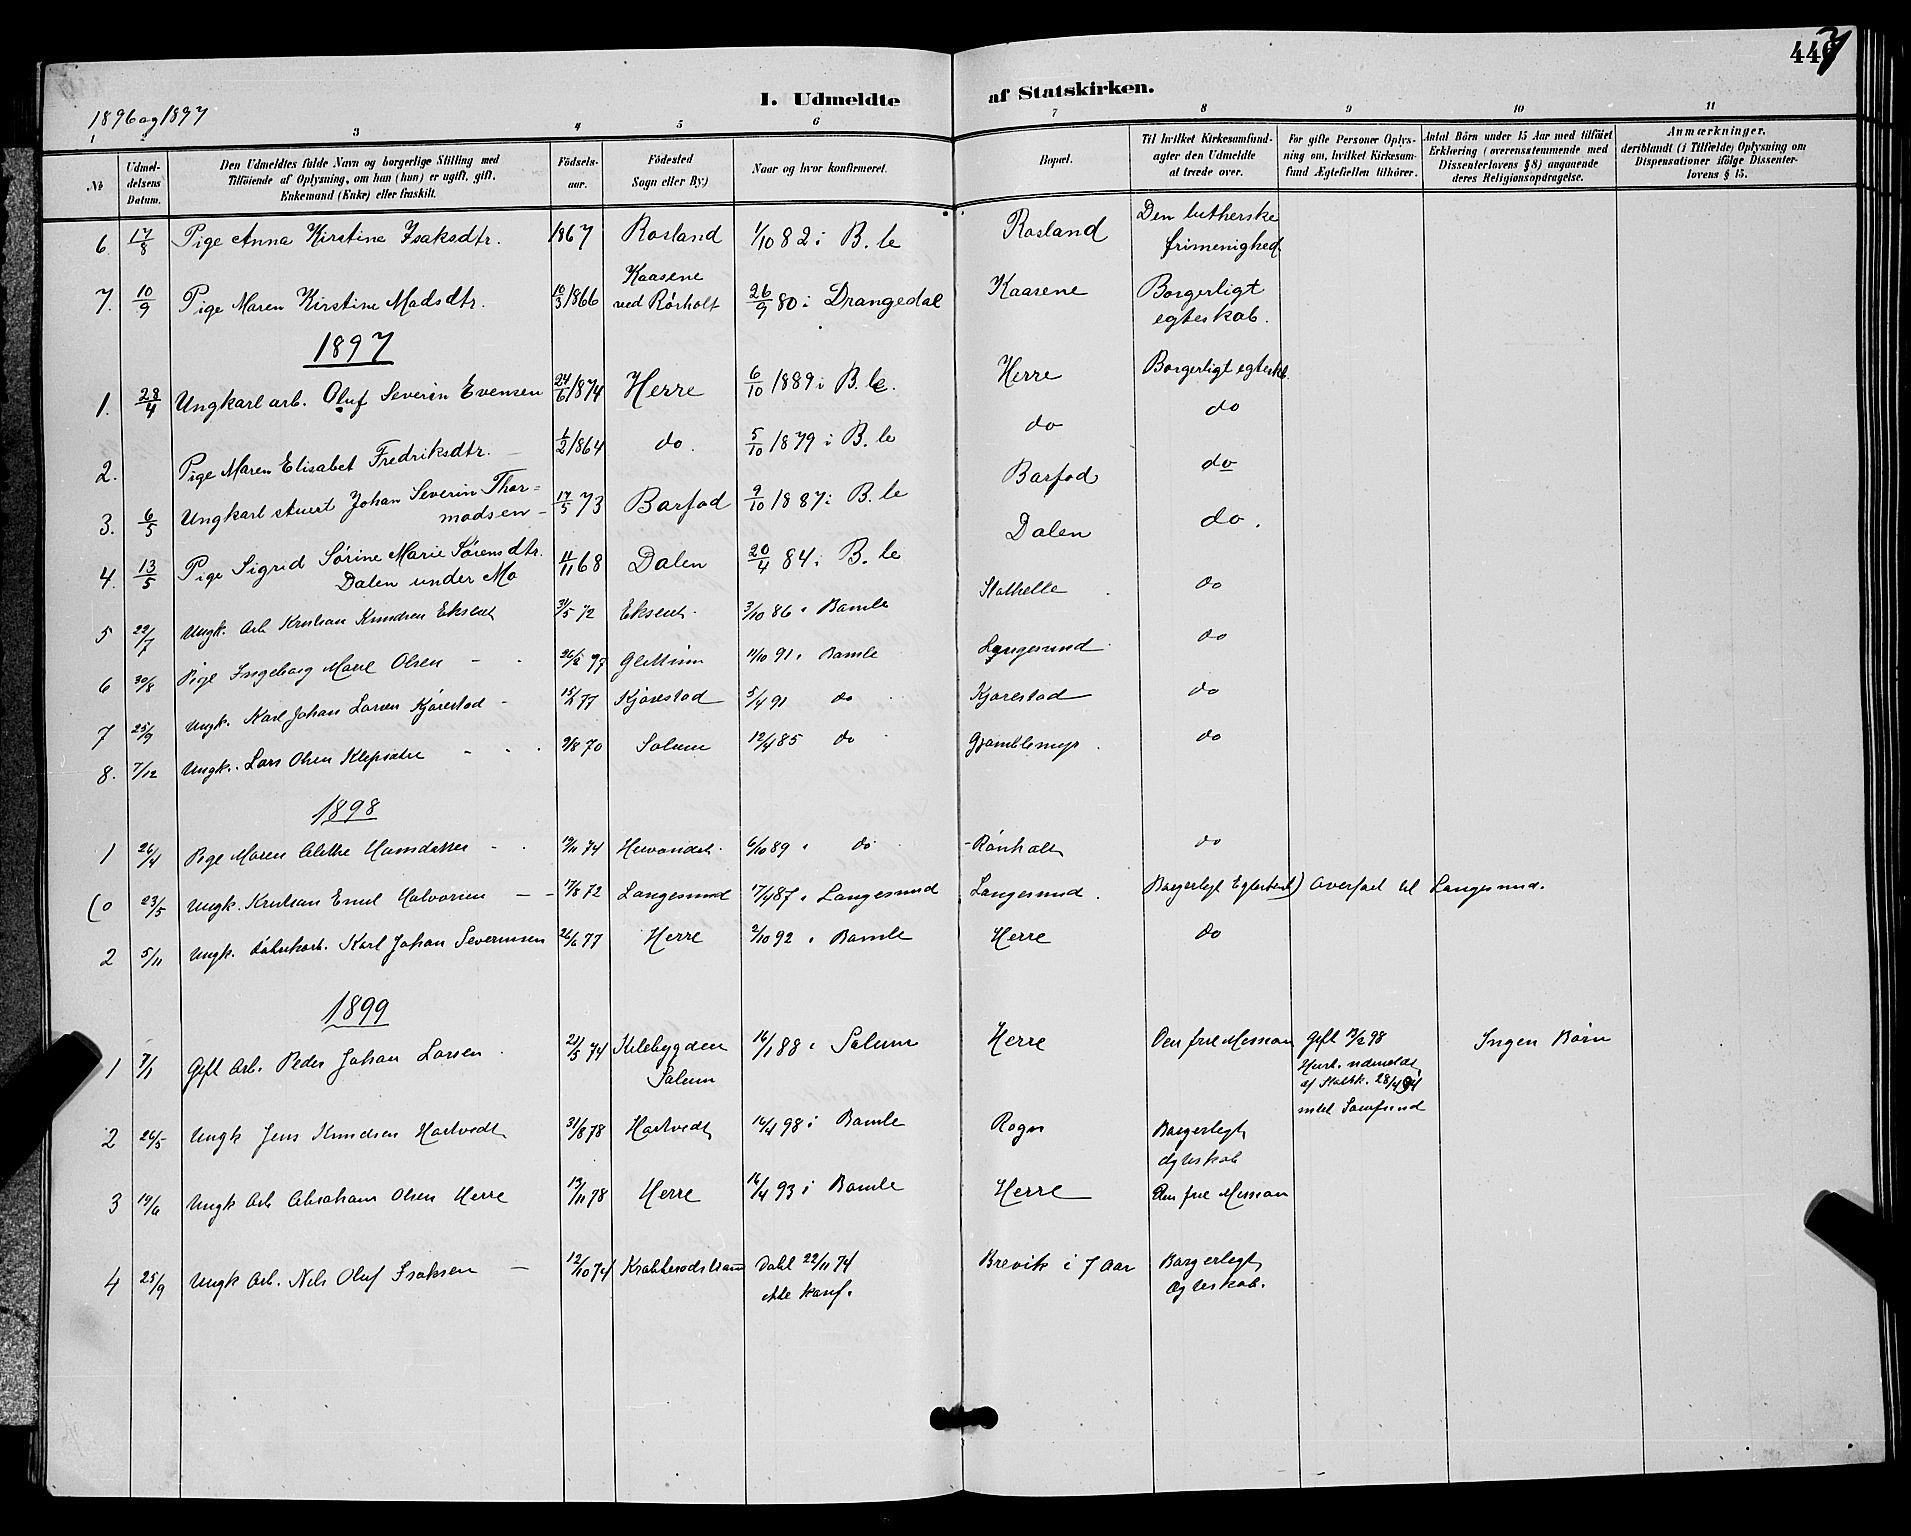 SAKO, Bamble kirkebøker, G/Ga/L0009: Klokkerbok nr. I 9, 1888-1900, s. 447